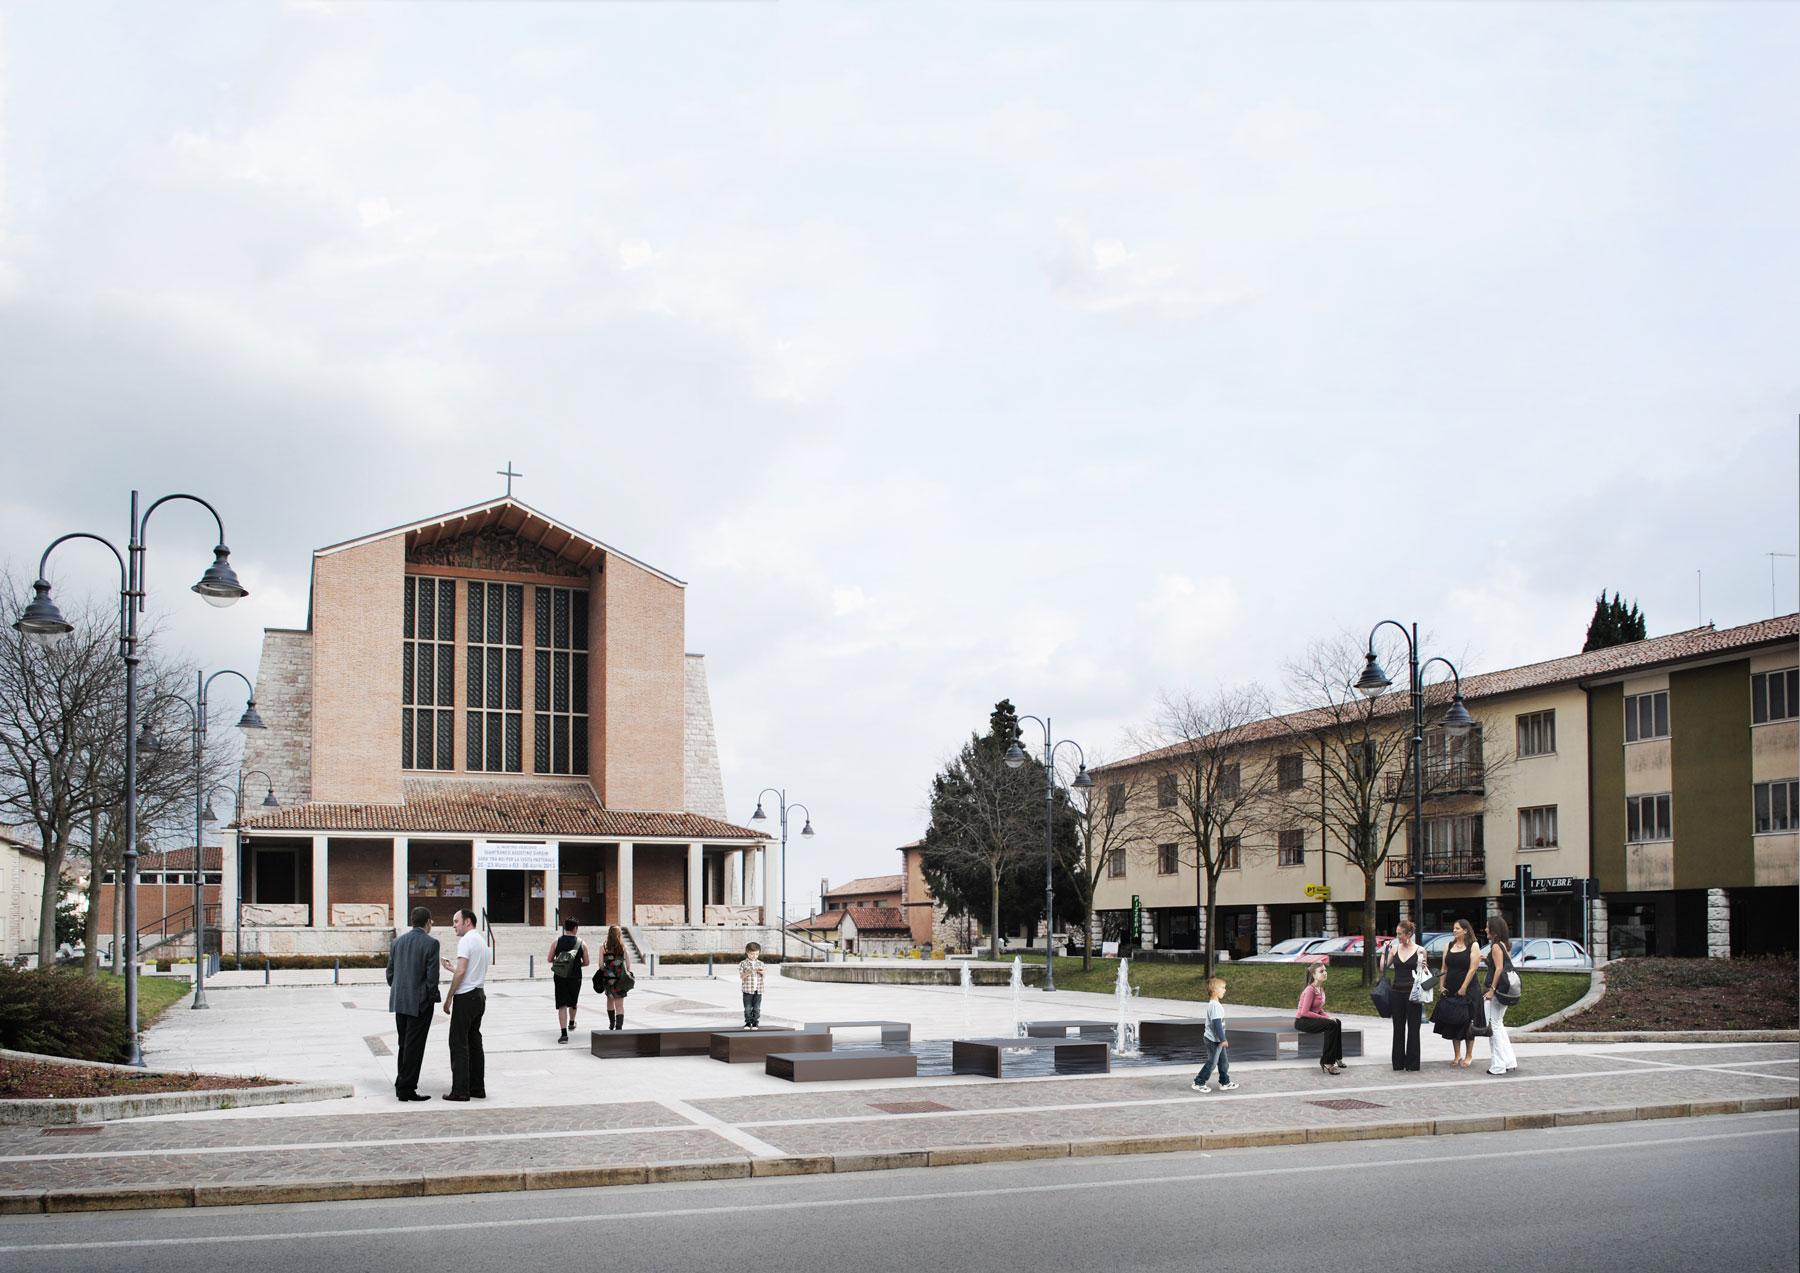 Fontana - Spazio pubblico